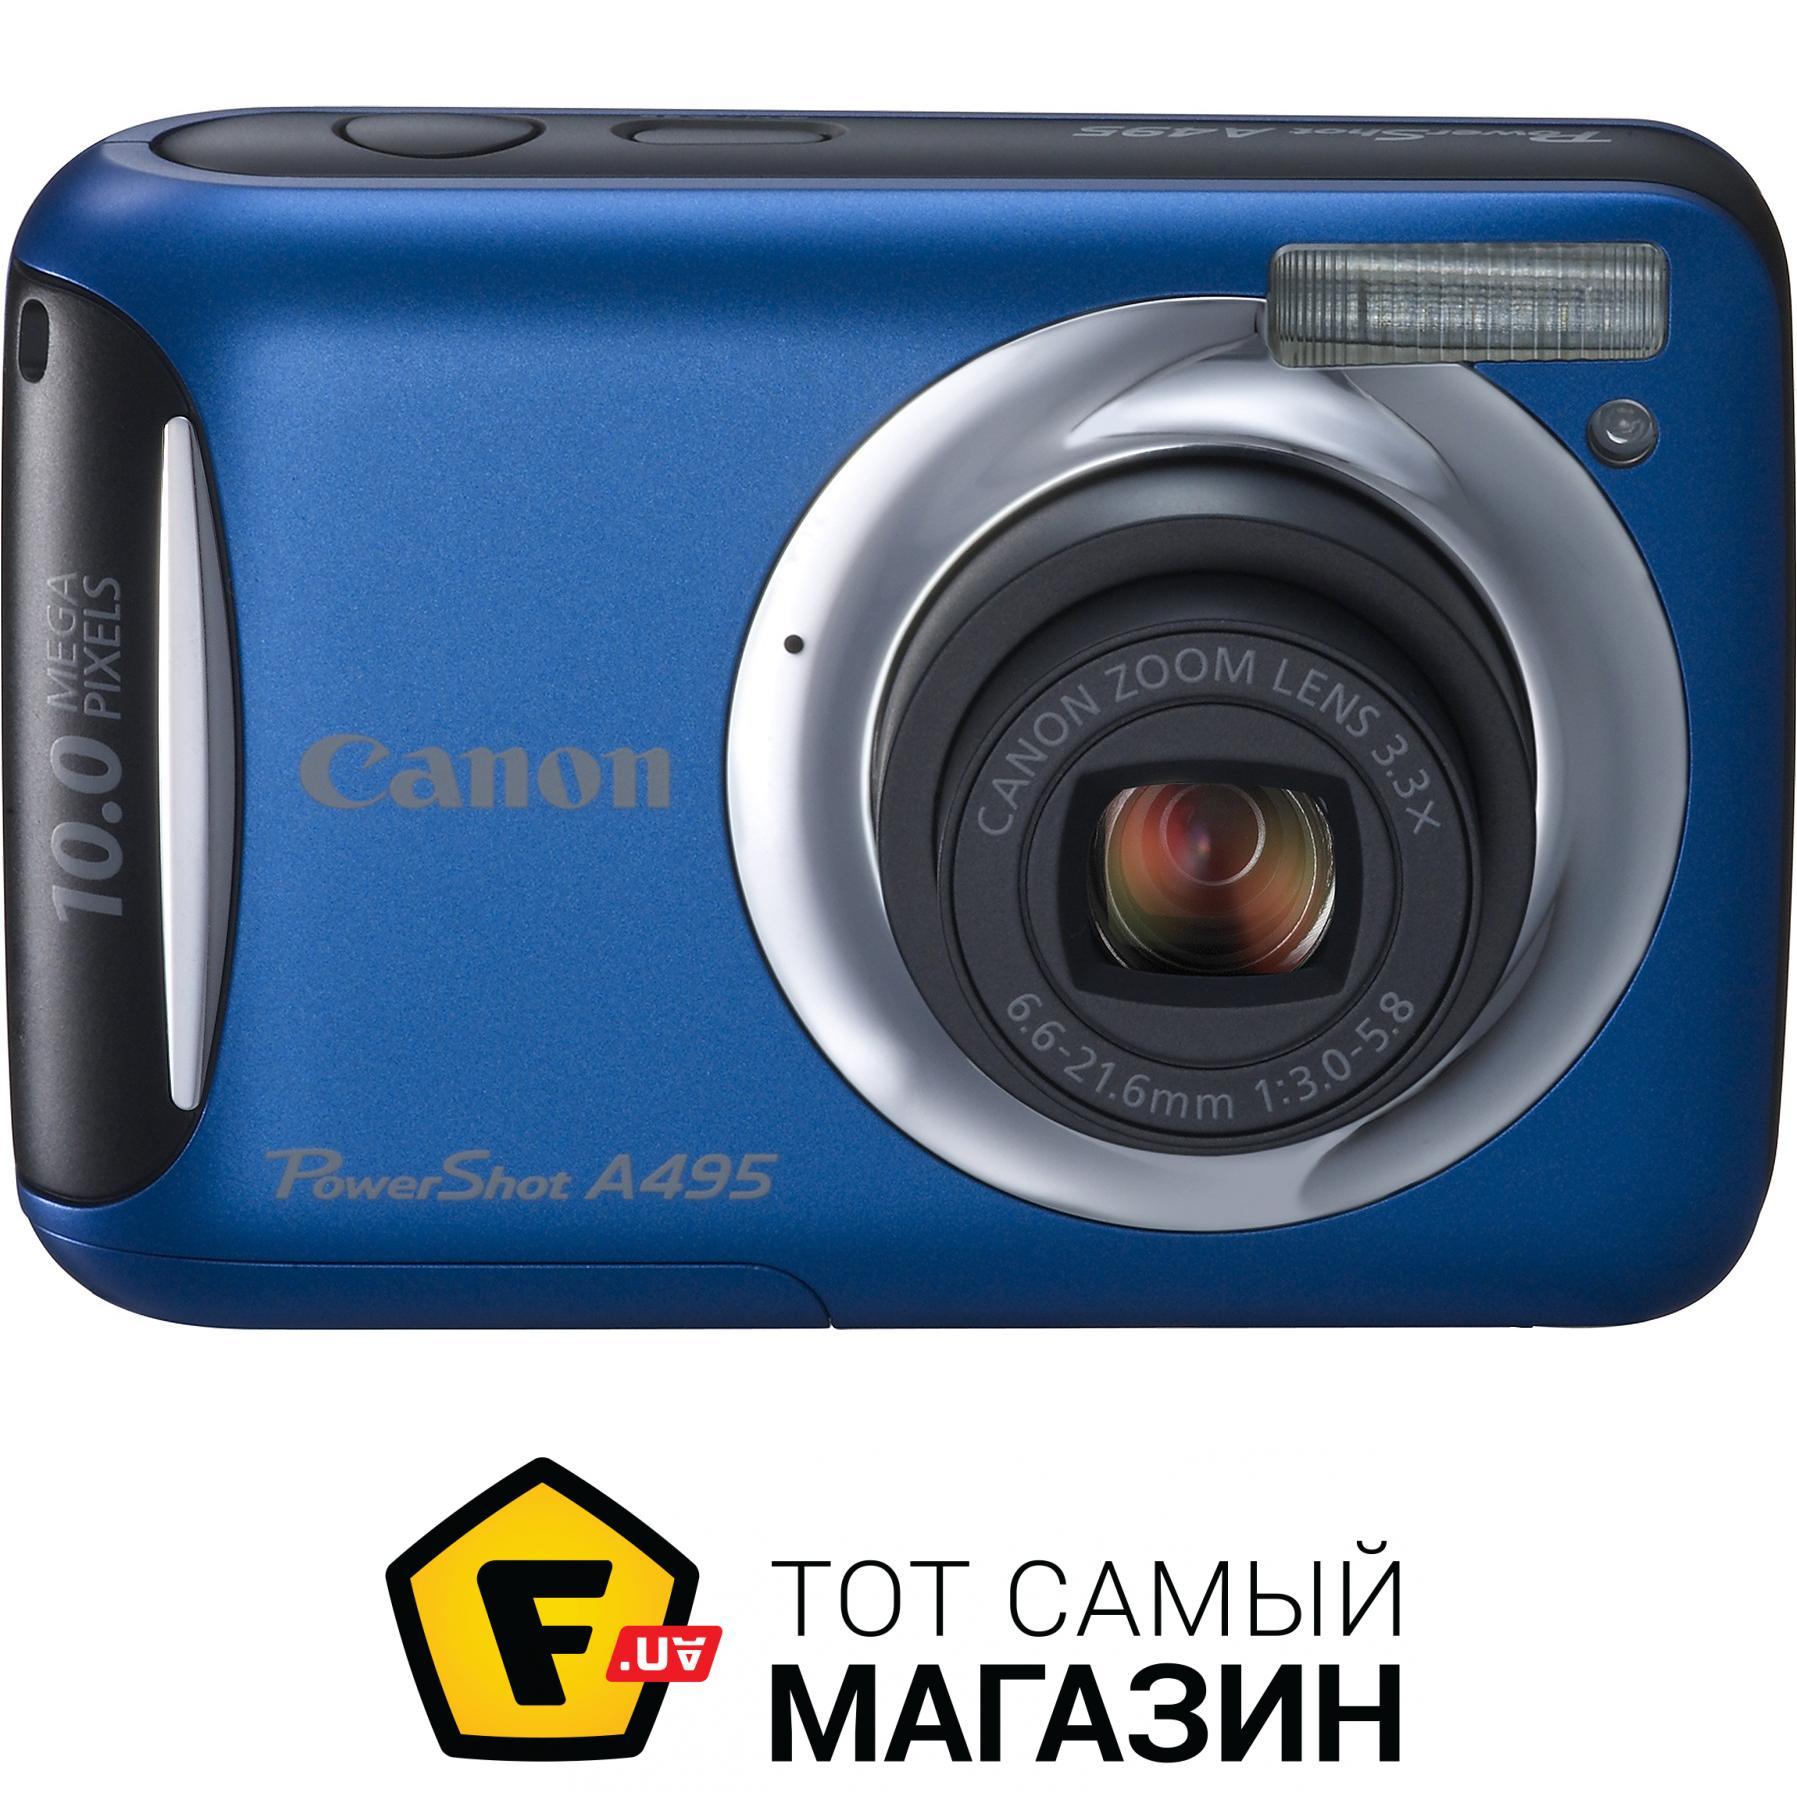 качественные фотоаппараты мыльницы два способа, точнее